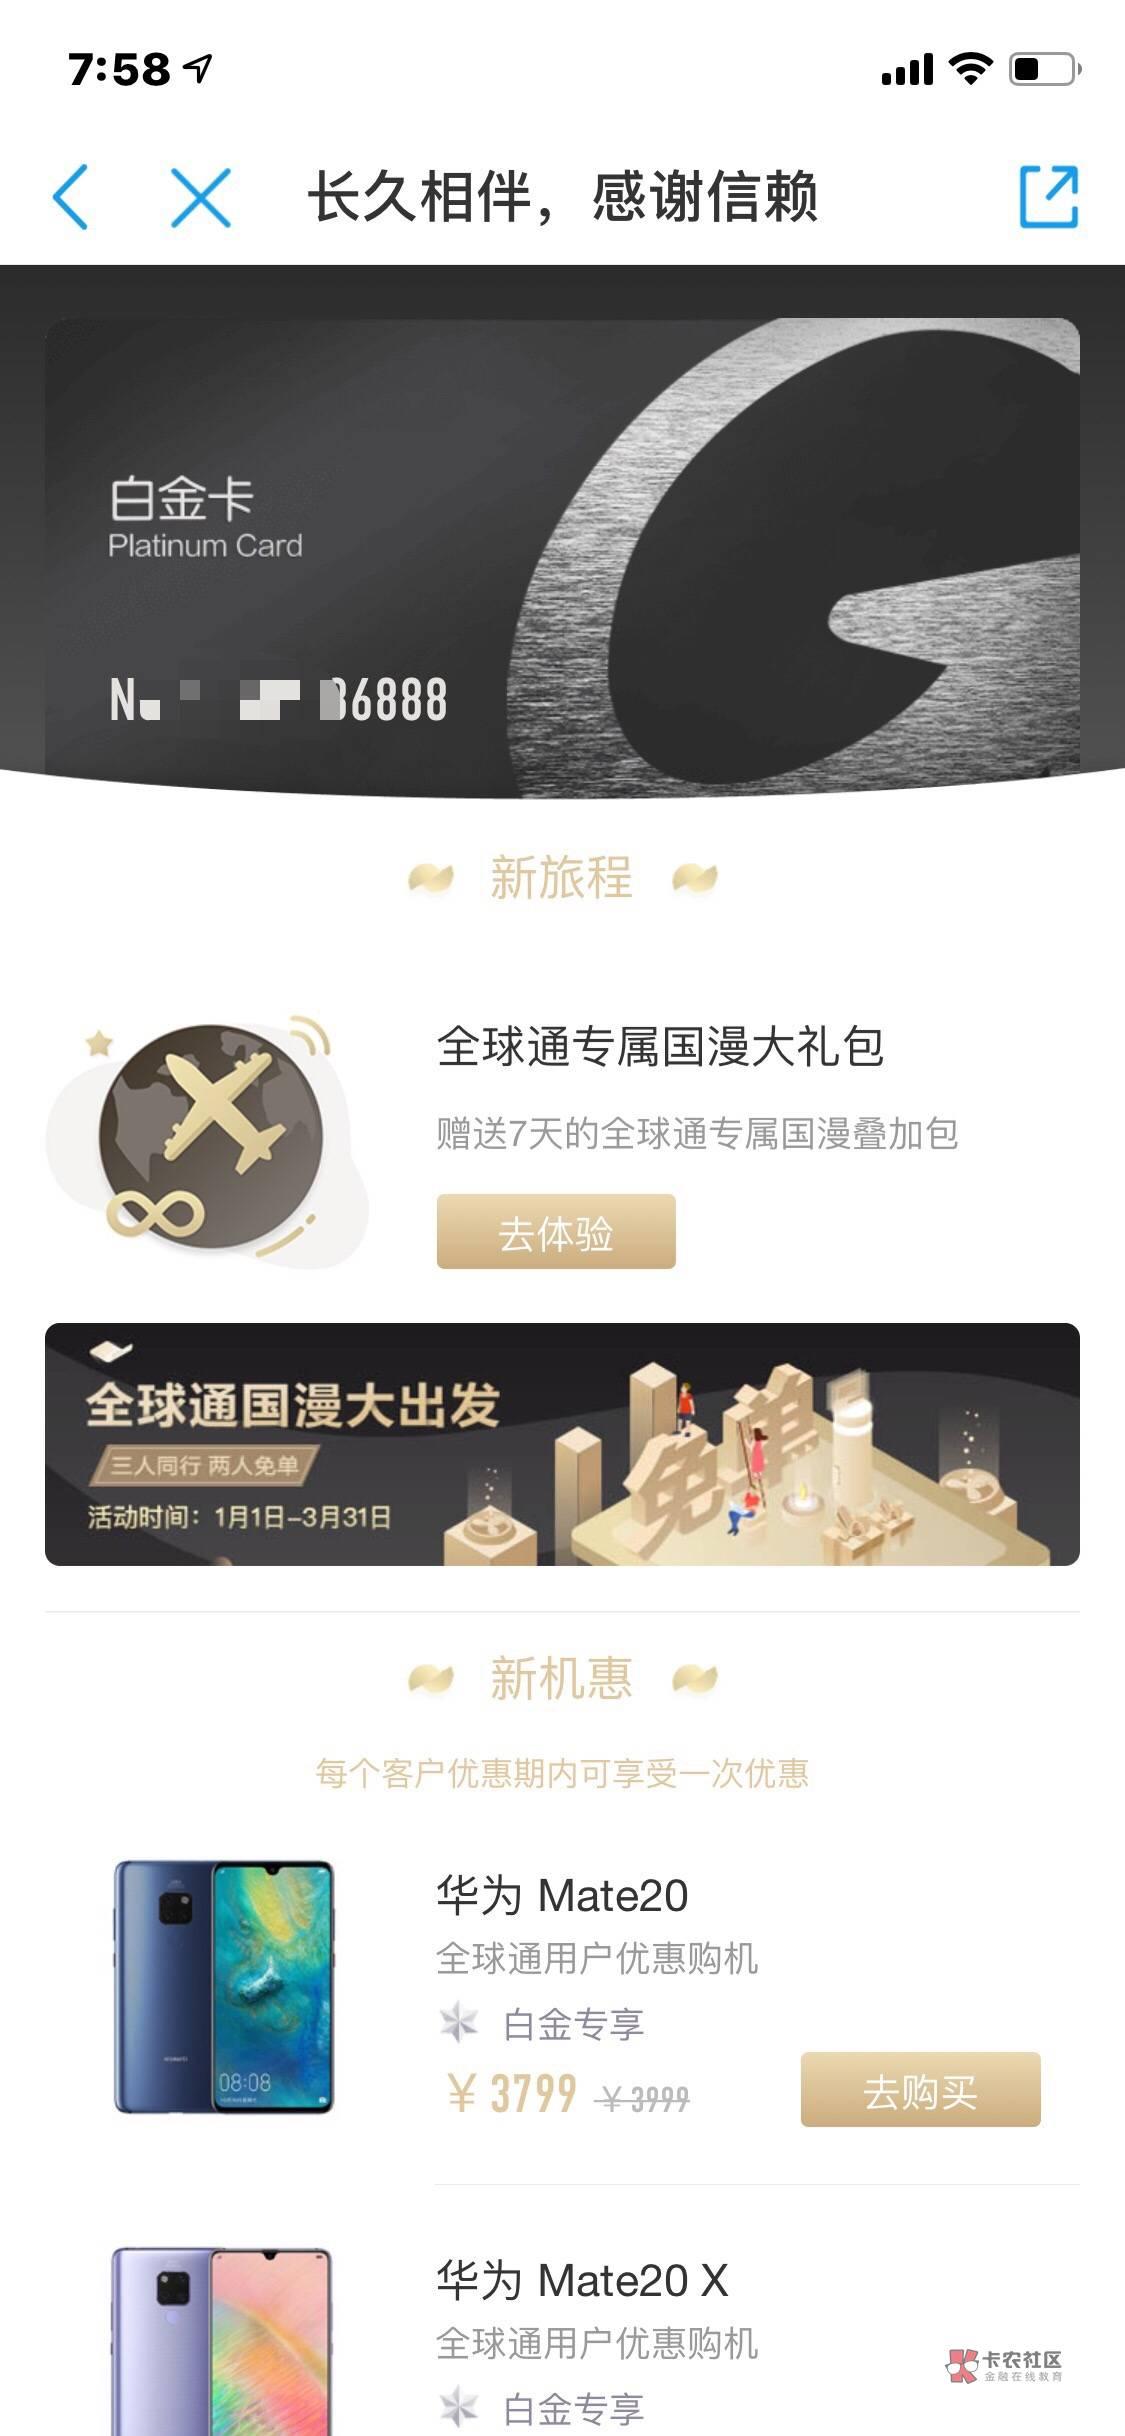 如何申请中银宝岛信用卡_移动白金5星用户申请中国银行白金移动白金5星用户申请中国银行 ...